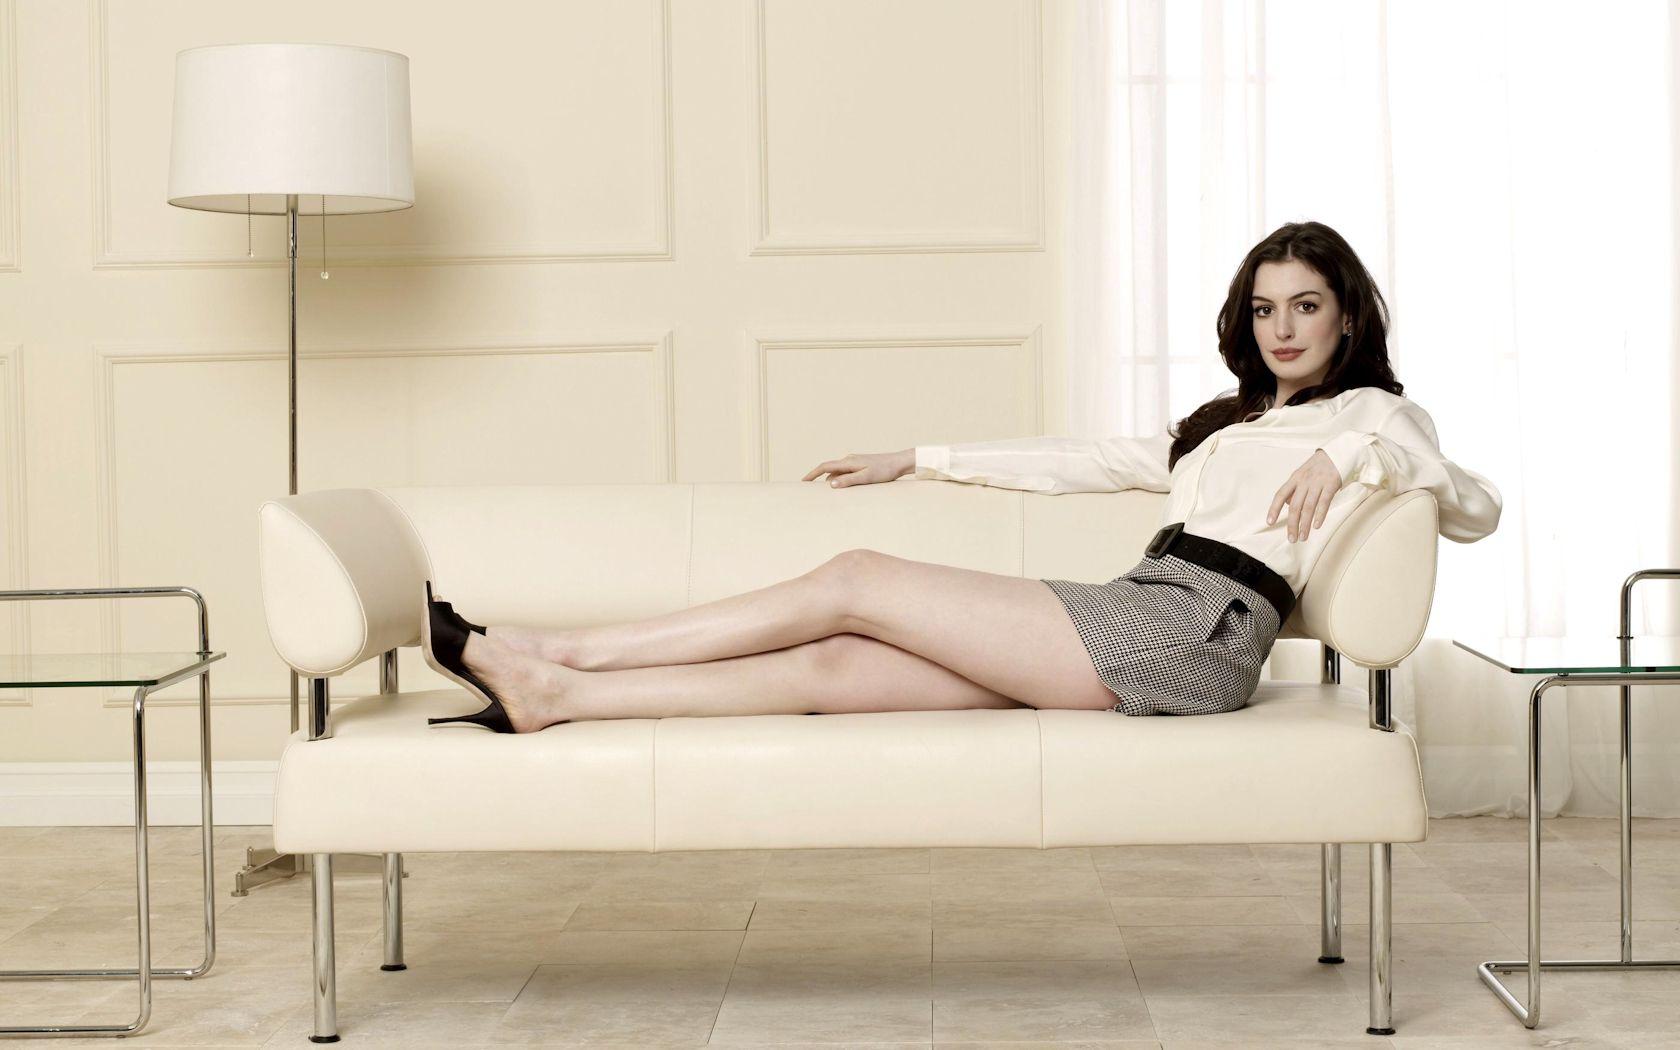 Anne Hathaway 02 18